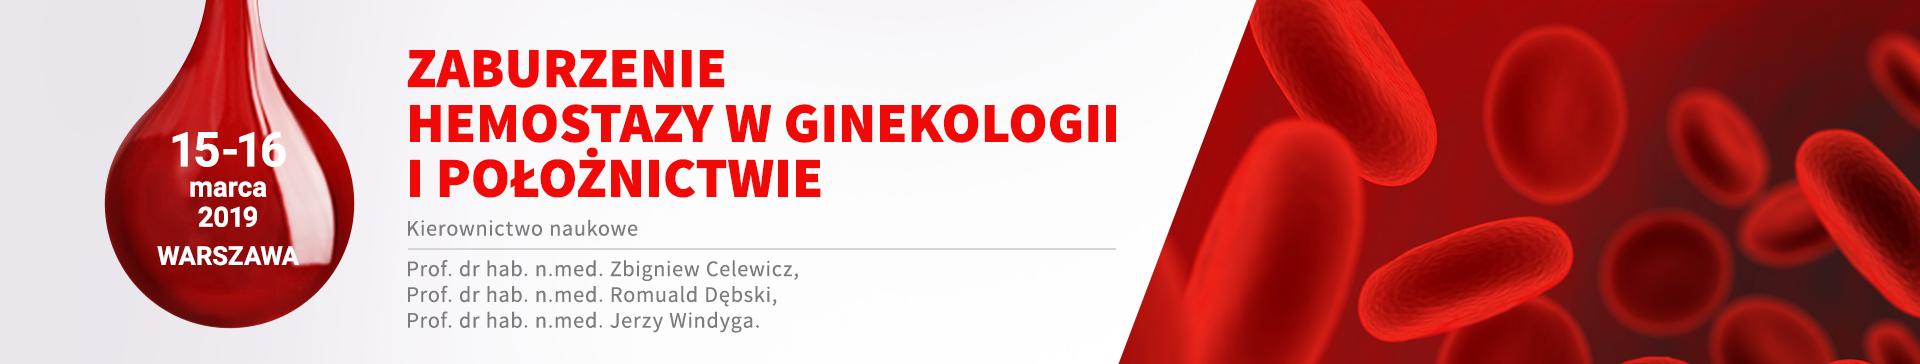 15-16.03.2019 Zaburzenia Hemostazy w Ginekologii i Położnictwie